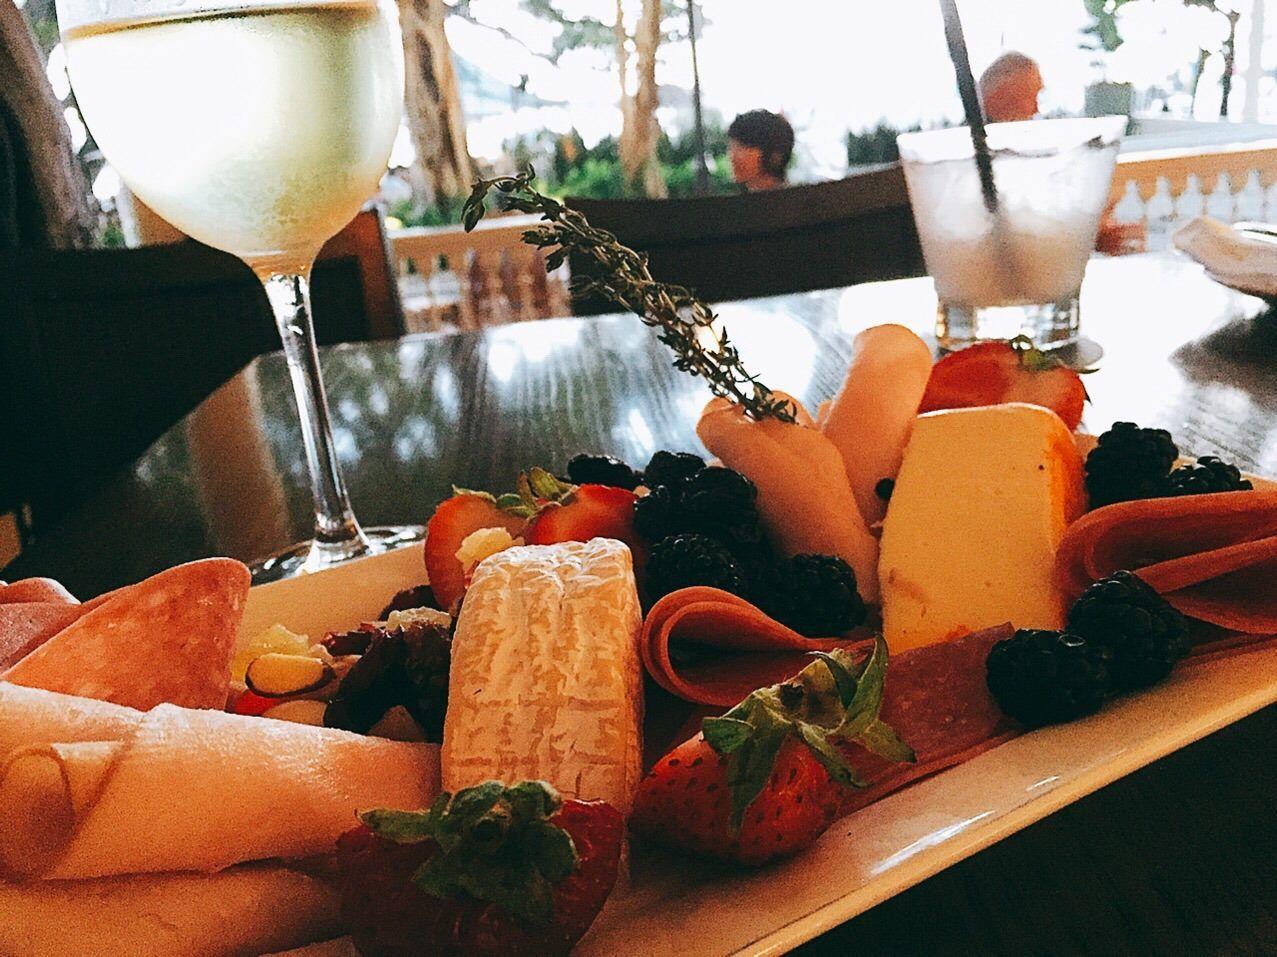 もっとたっぷり喋りたい!場合には、バニヤンツリーを見下ろすテラスの「Vintage 1901(ヴィンテージ1901)」で、ひと盛り上がりしてからレストランに行くのもオススメ。世界のクラフトビールやワインをグラス1杯からいただけるほか、シグネチャー・カクテル「サッシー・スパイクド・サングリア」も人気です。